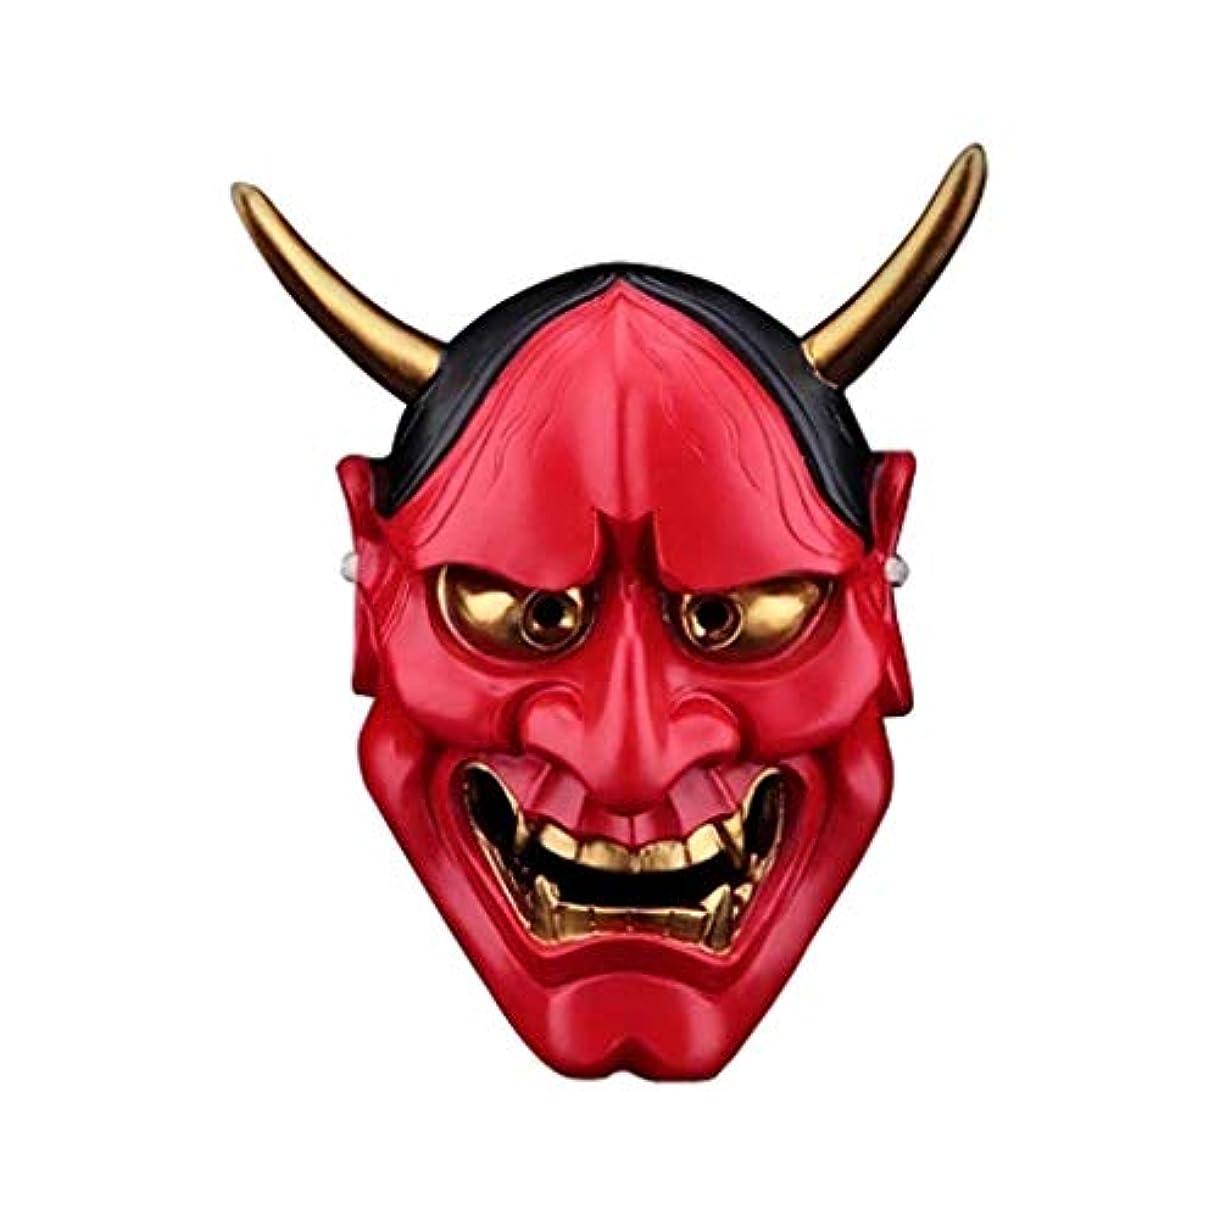 カロリーお客様エレクトロニックハロウィンホラーマスク、成人用樹脂マスクデコレーション (Color : RED)